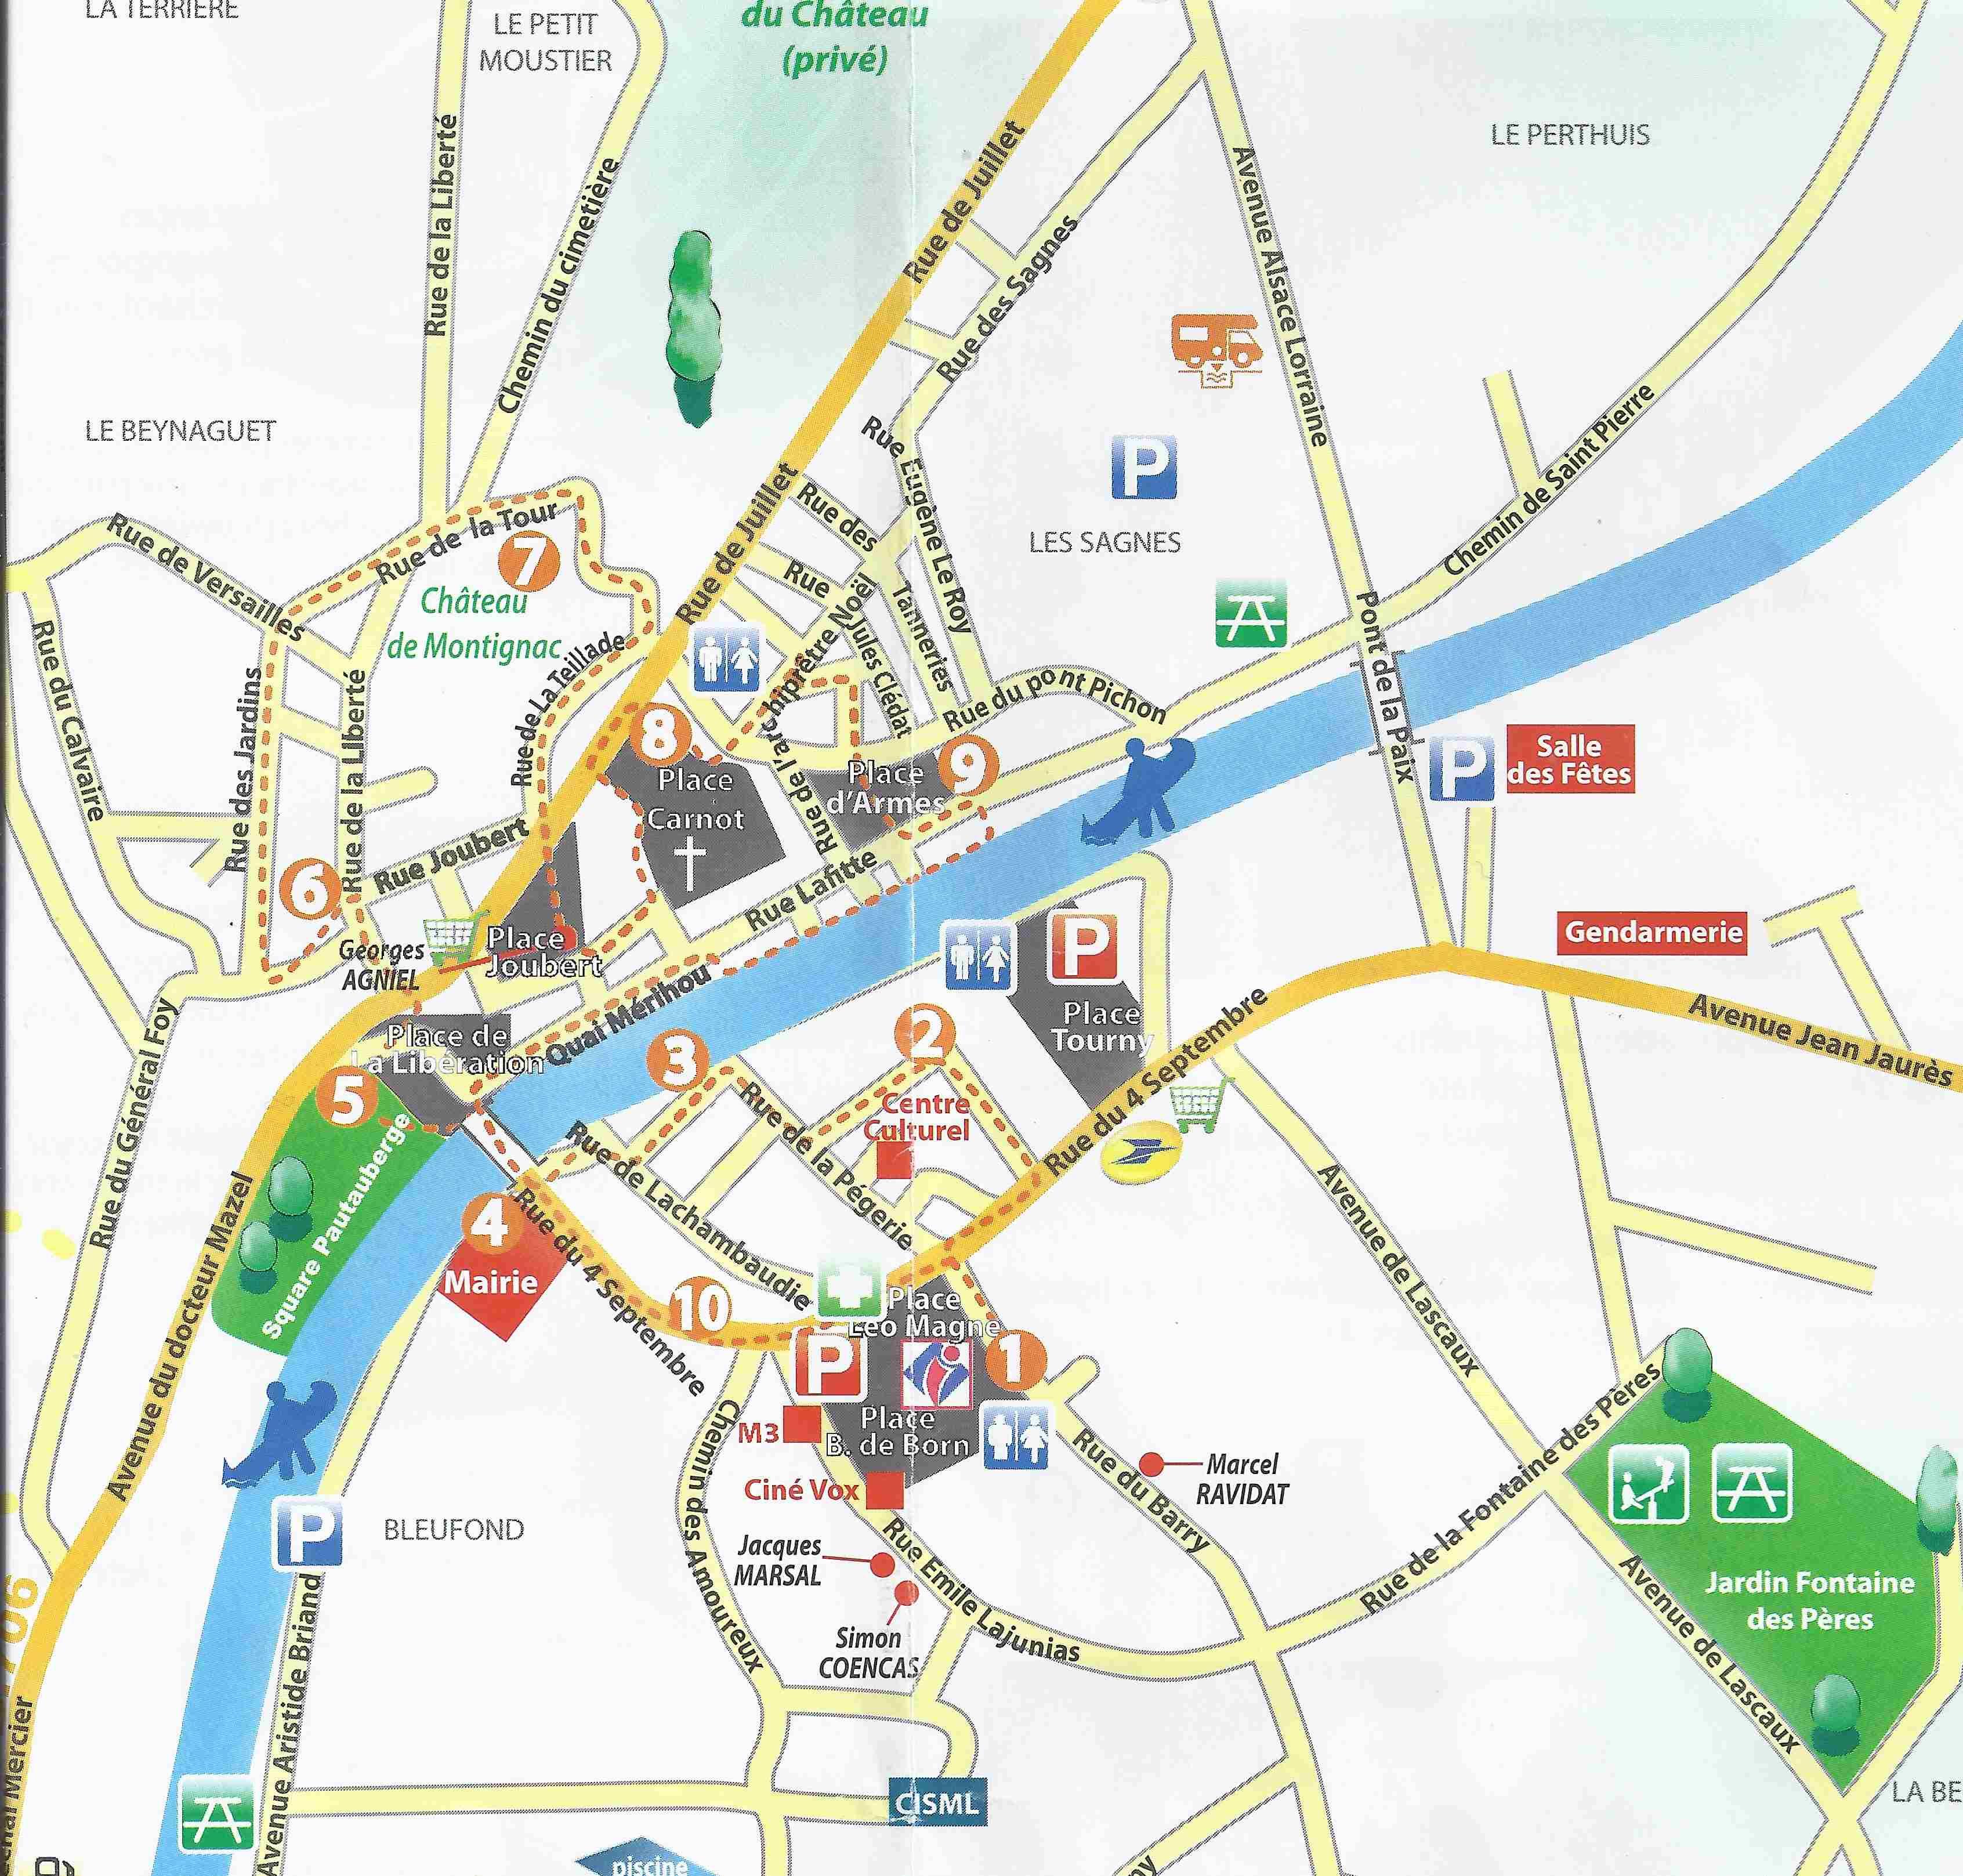 Ecole ars ne lupin jumi ges classe patrimoine lundi 21 mars visite de montignac - Office de tourisme plan de la tour ...